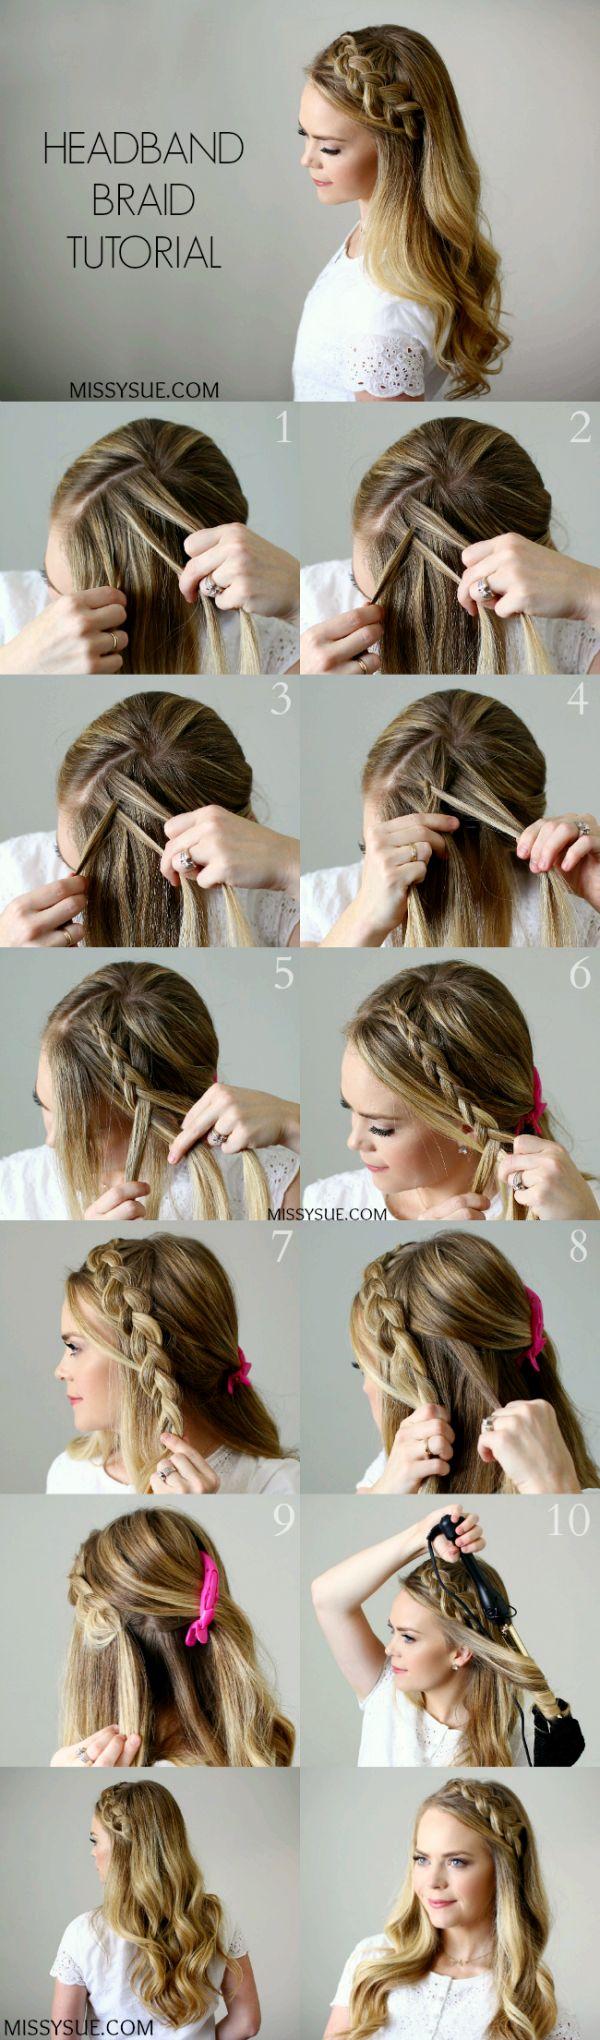 dutch-headband-braid-tutorial-2